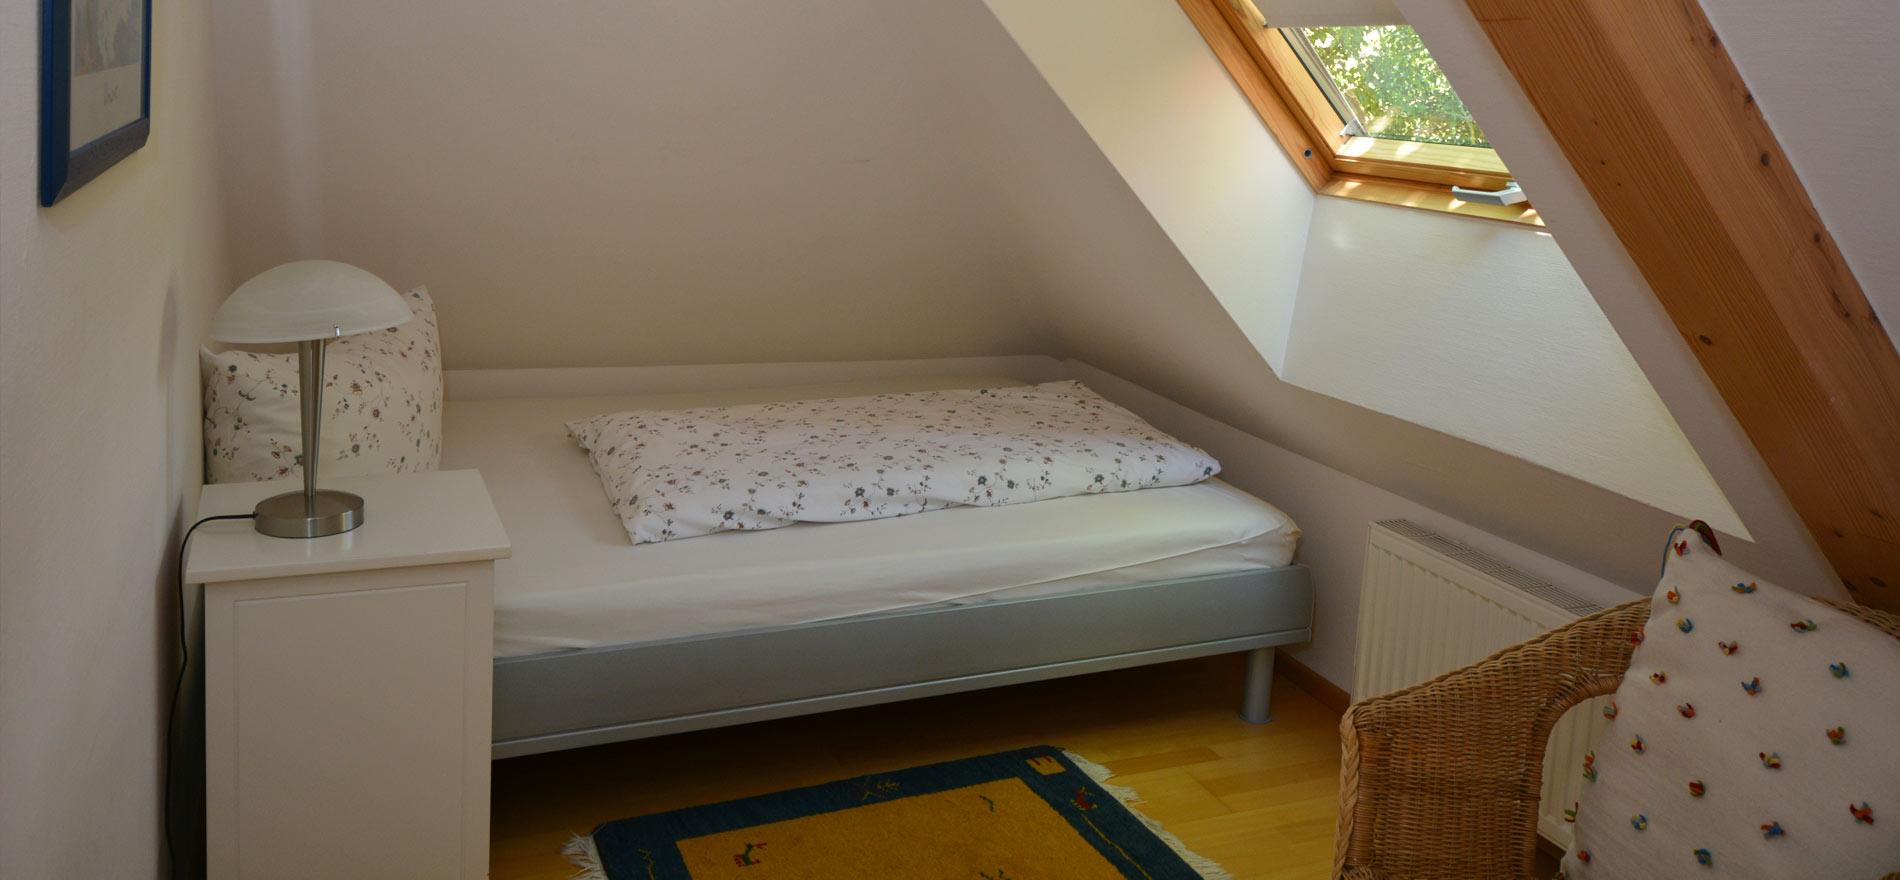 Ferienwohnung Pfarrhaus in Meersburg - Wohnung 6 7